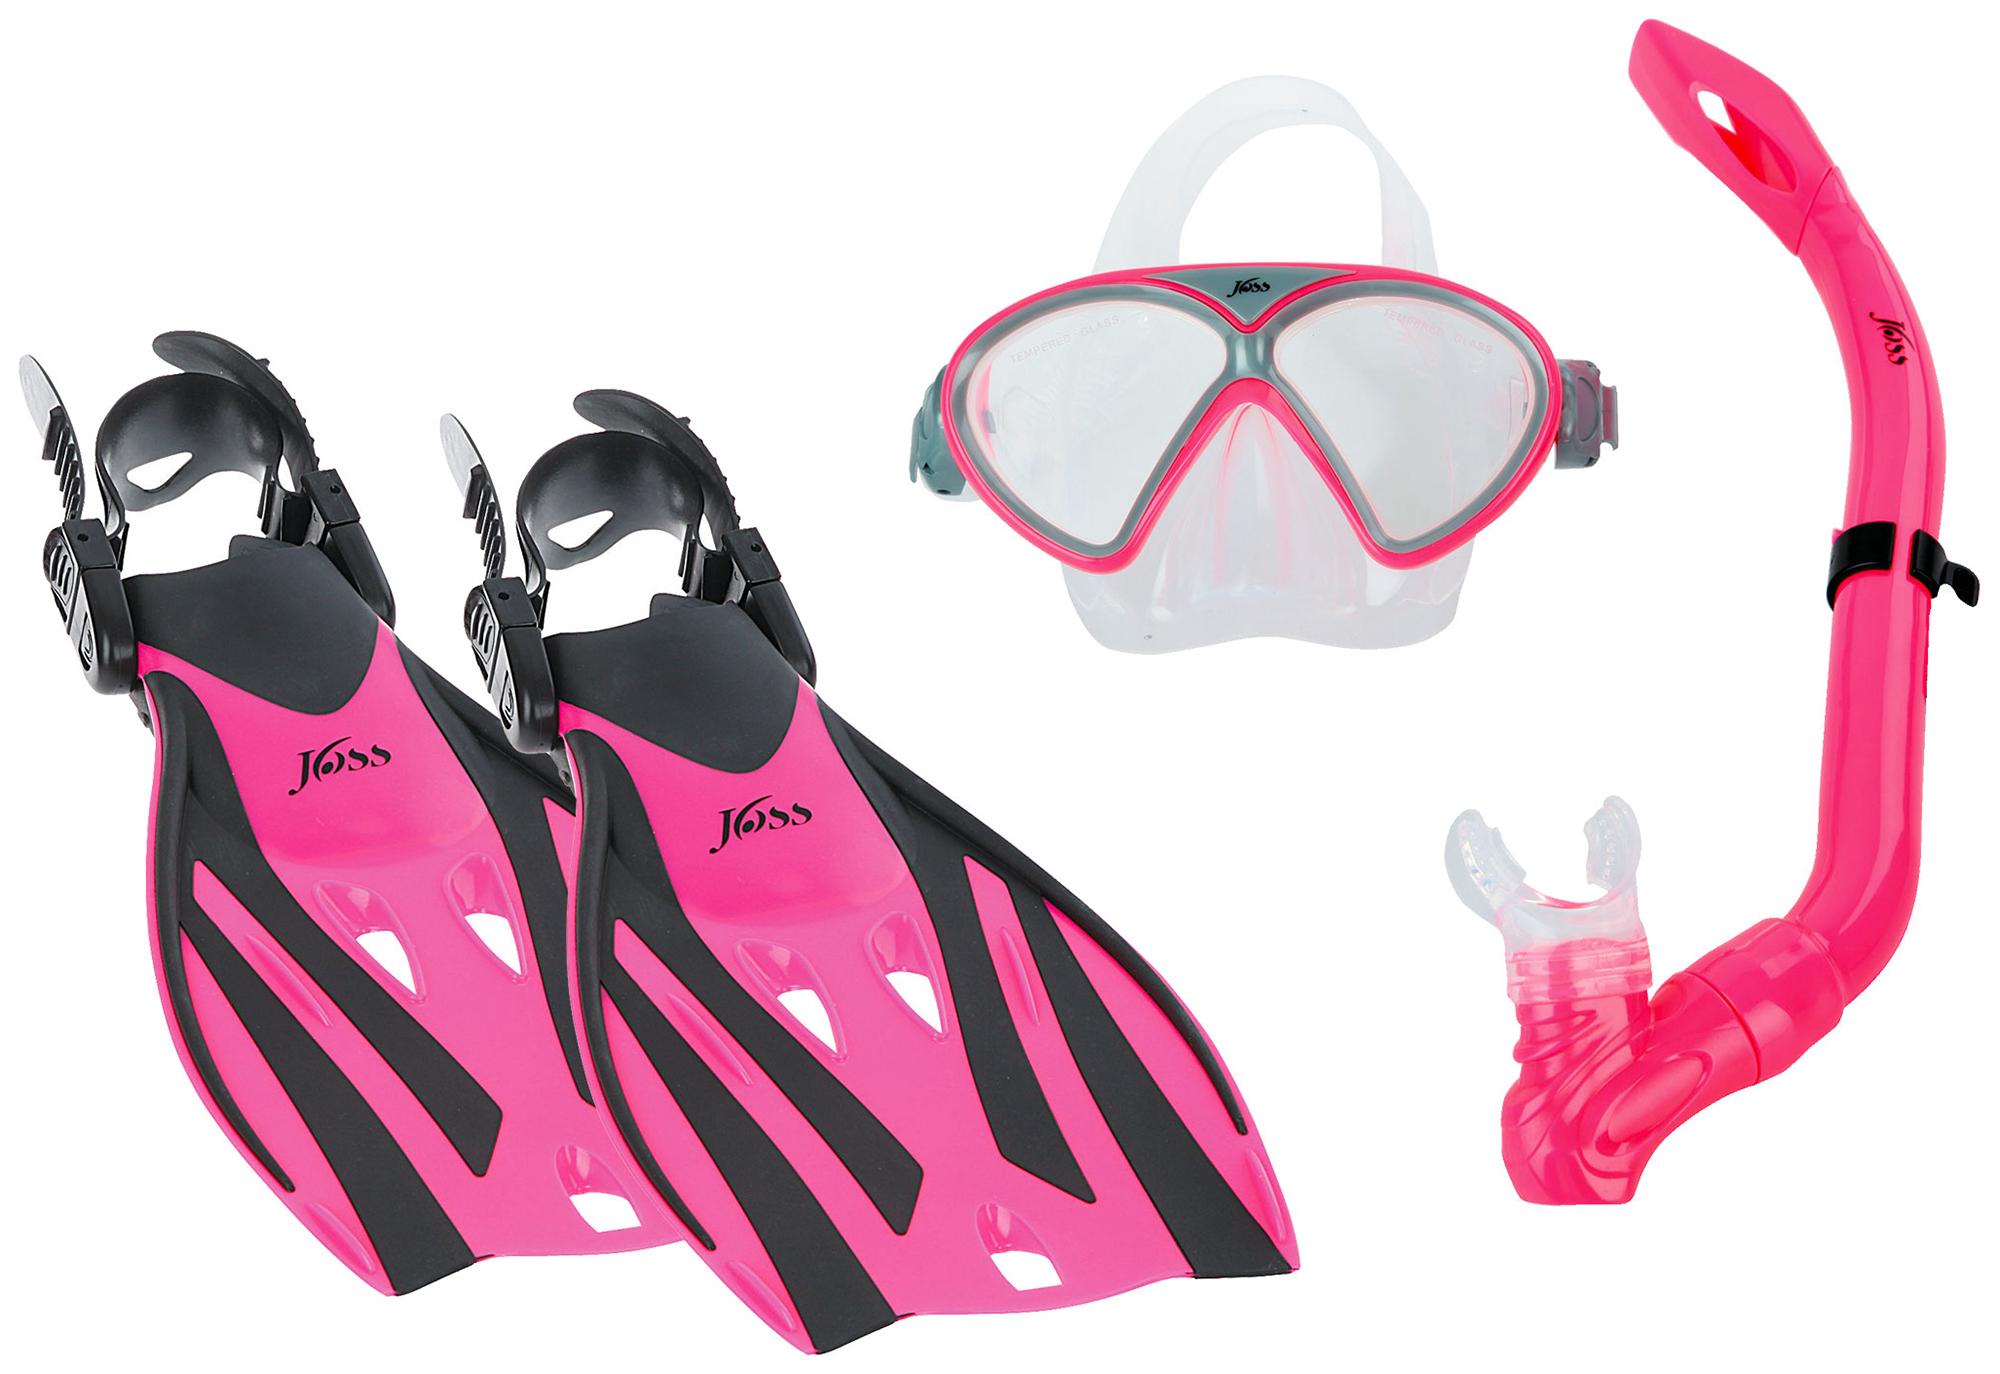 Joss Комплект для плавания детский Joss купить маску и трубку для подводного плавания